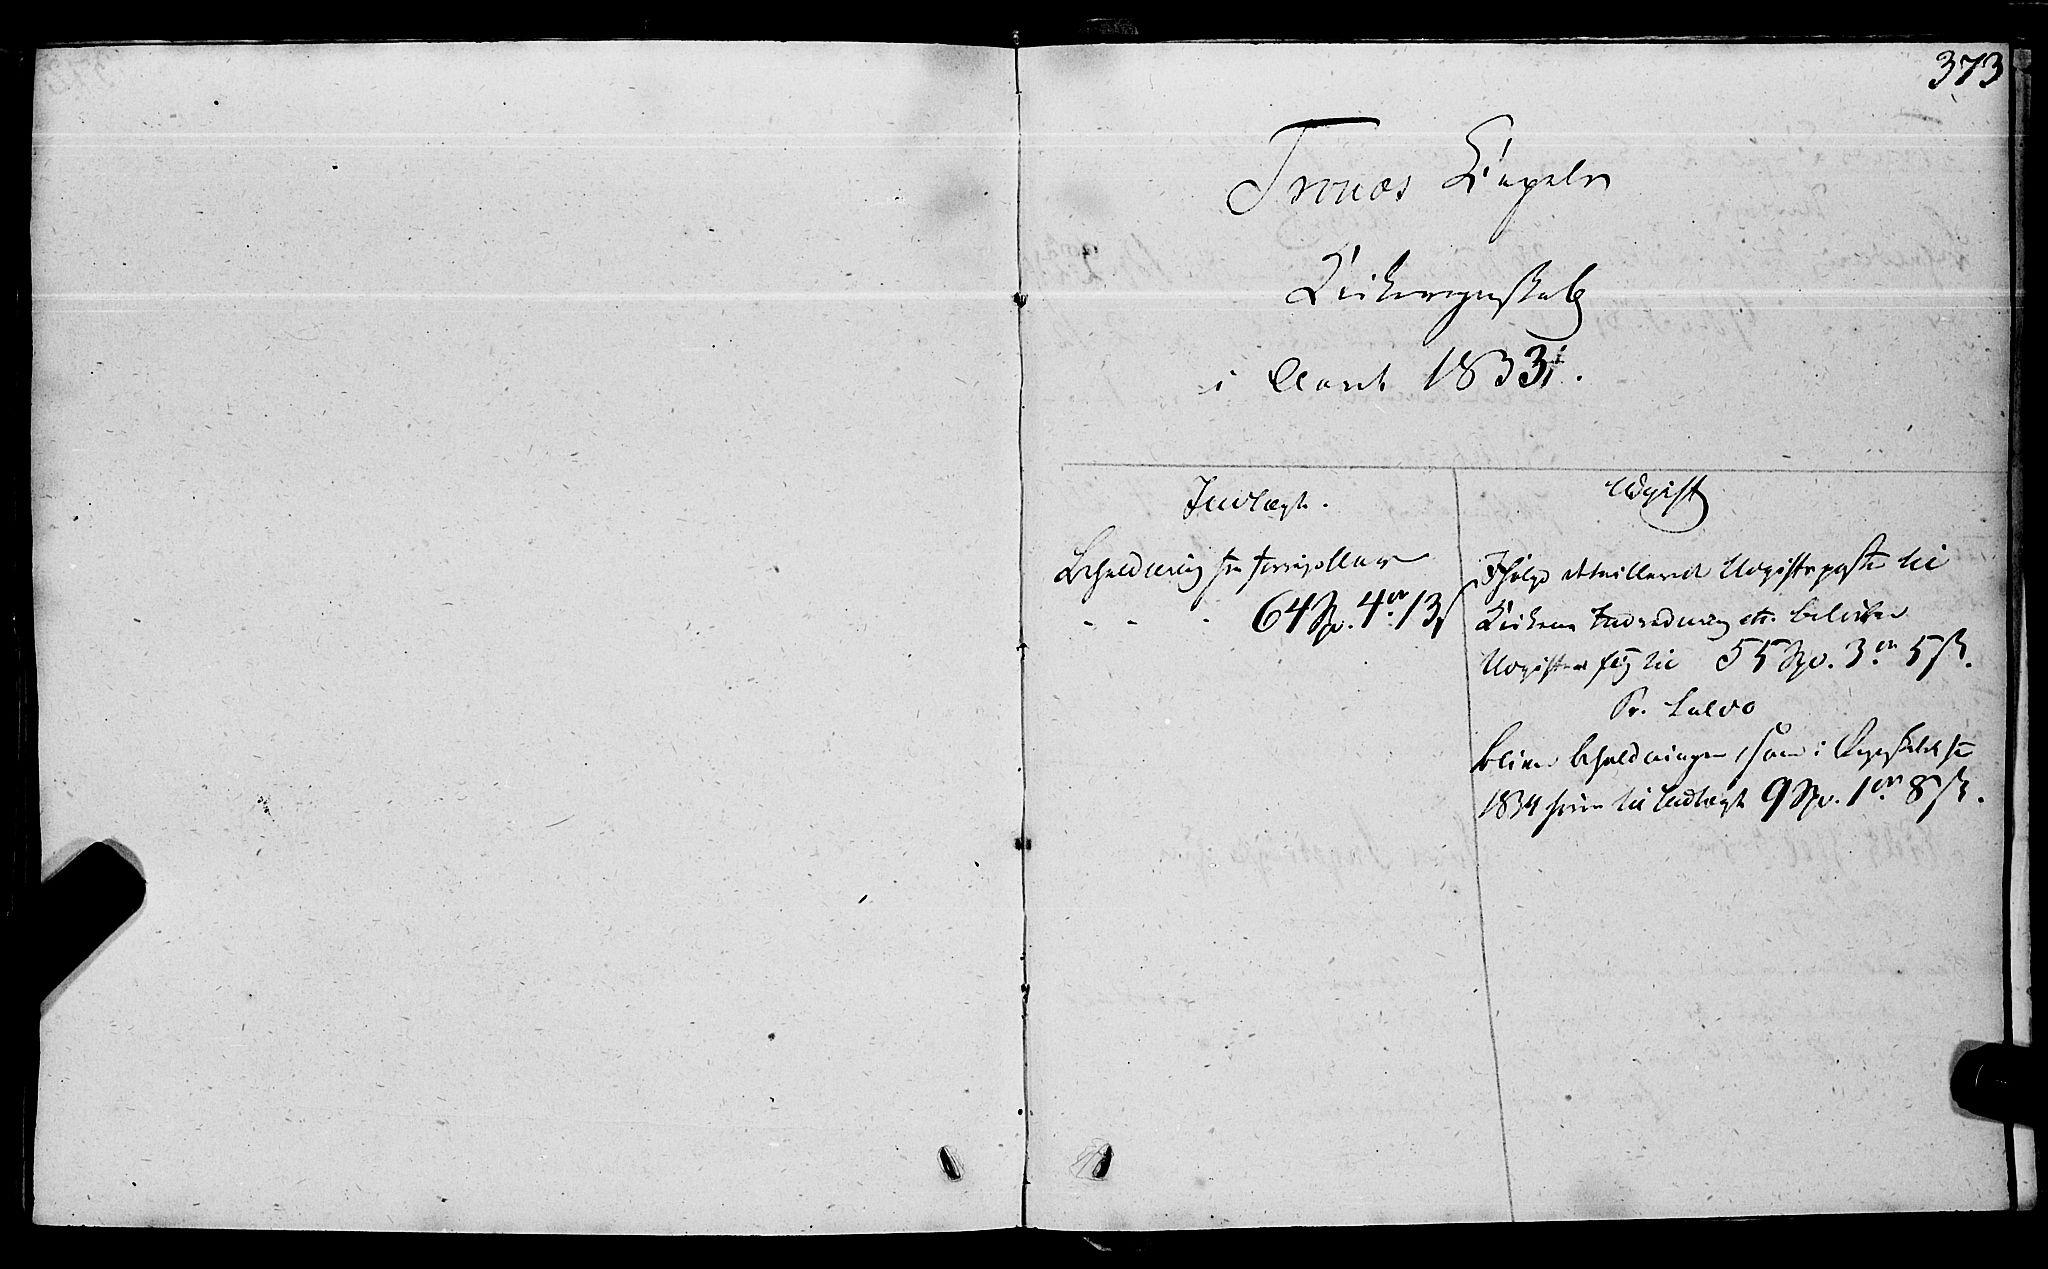 SAT, Ministerialprotokoller, klokkerbøker og fødselsregistre - Nord-Trøndelag, 762/L0538: Ministerialbok nr. 762A02 /2, 1833-1879, s. 373